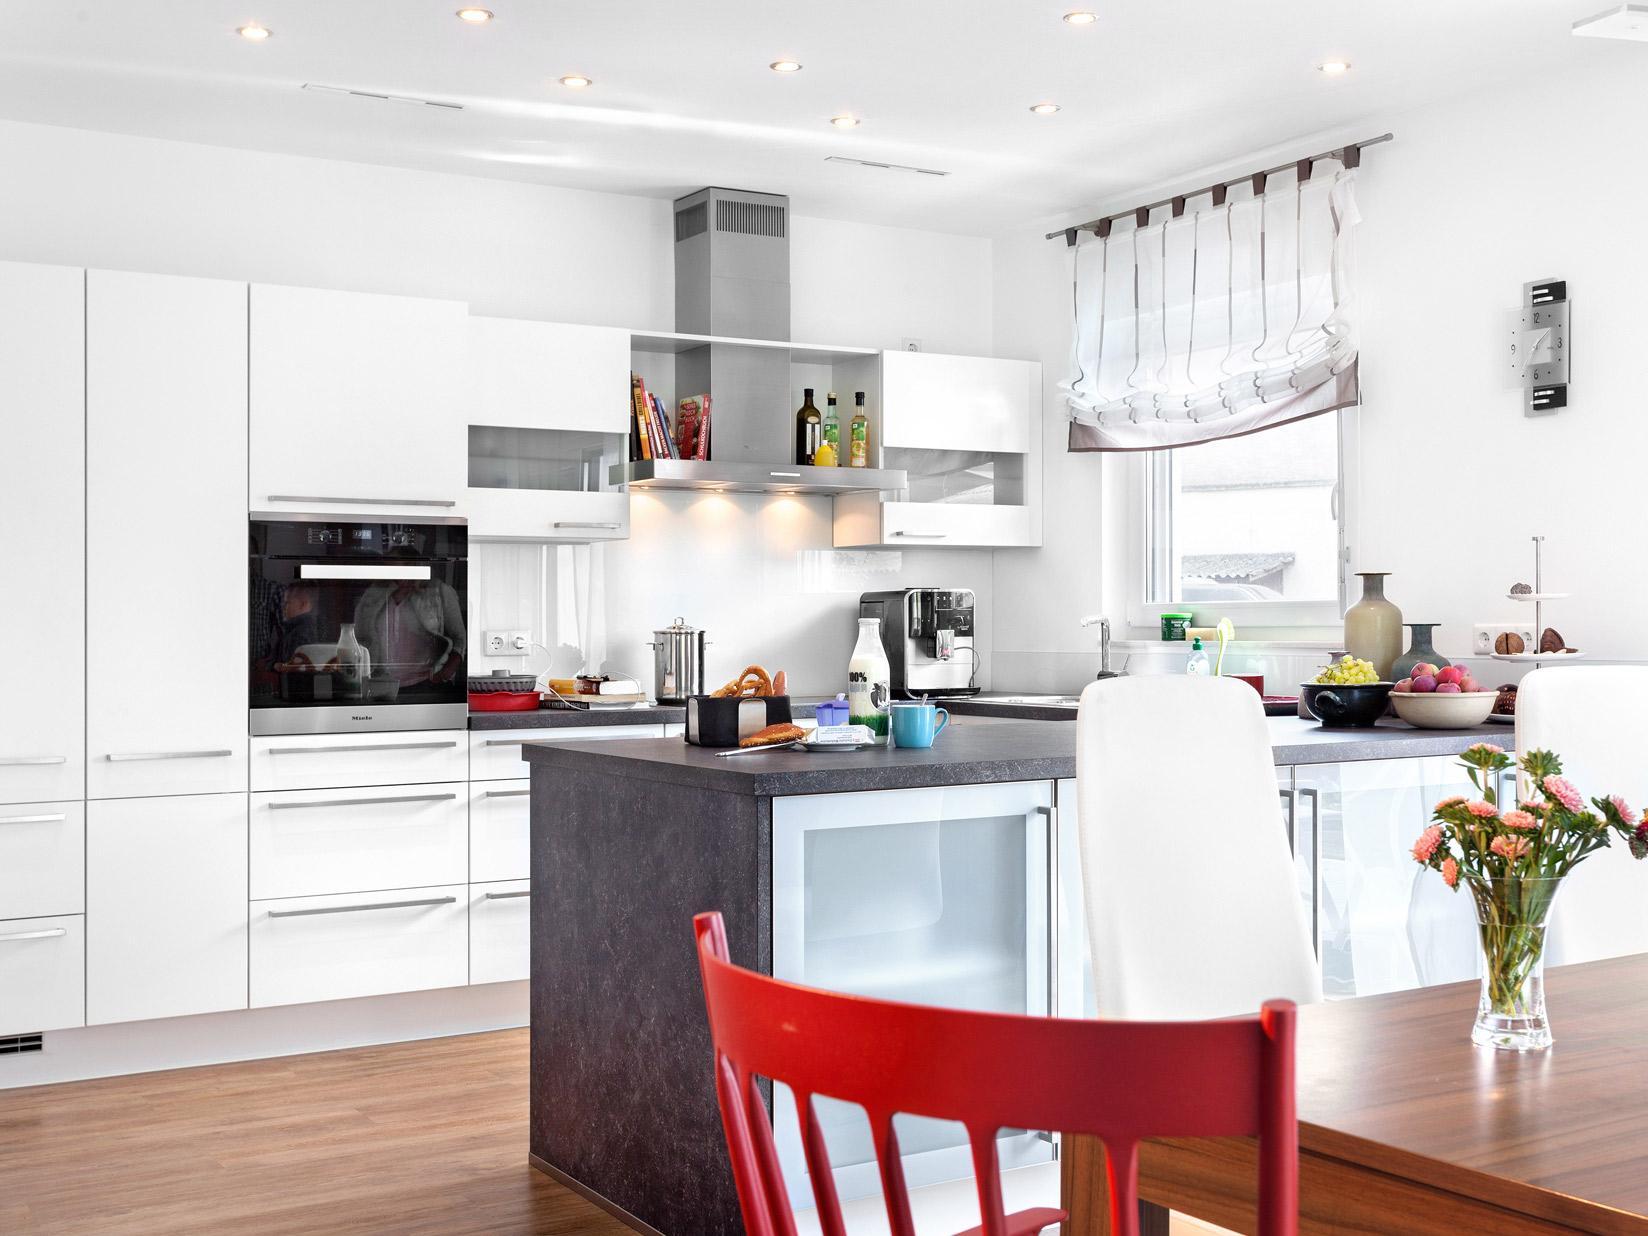 Tolle Klassische Küchen Irland Ideen - Küchenschrank Ideen ...